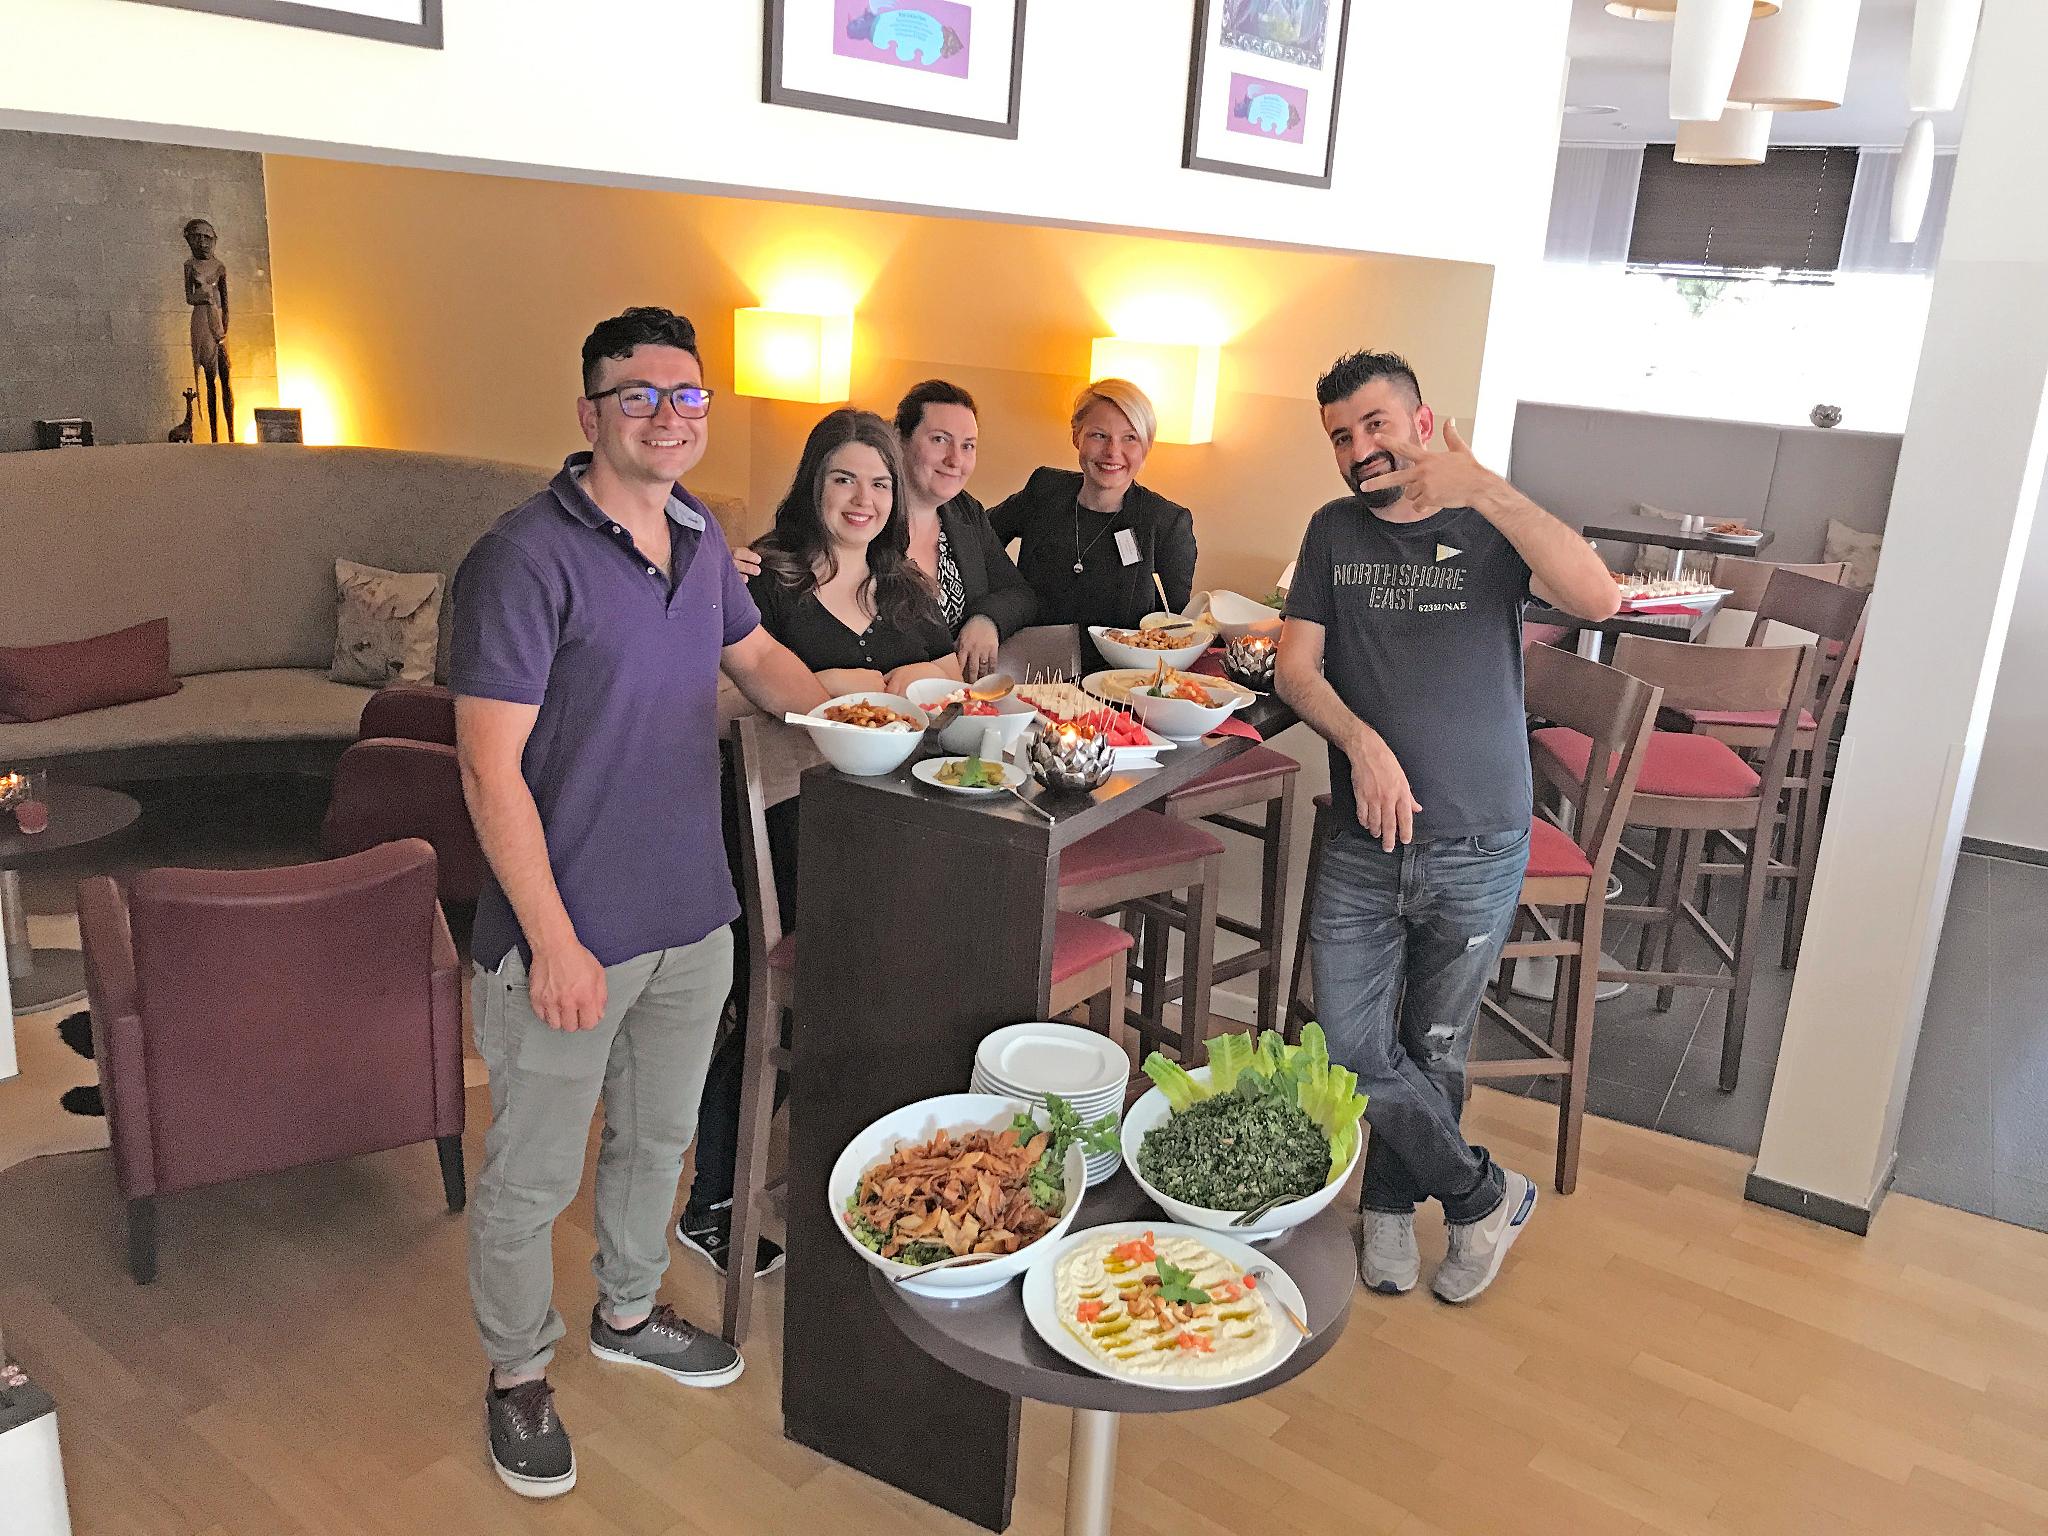 Kulinarische Vielfalt beim NETZWERK-Mitglied Hotel Esplanade: Amer Othman, Eva Stefanidou und Ali Othman kochten für die Belegschaft rund um die stellvertretende Hoteldirektorin Katja Kortmann (2. v. r.) und Hausdame Simone Ademoski (Mitte).